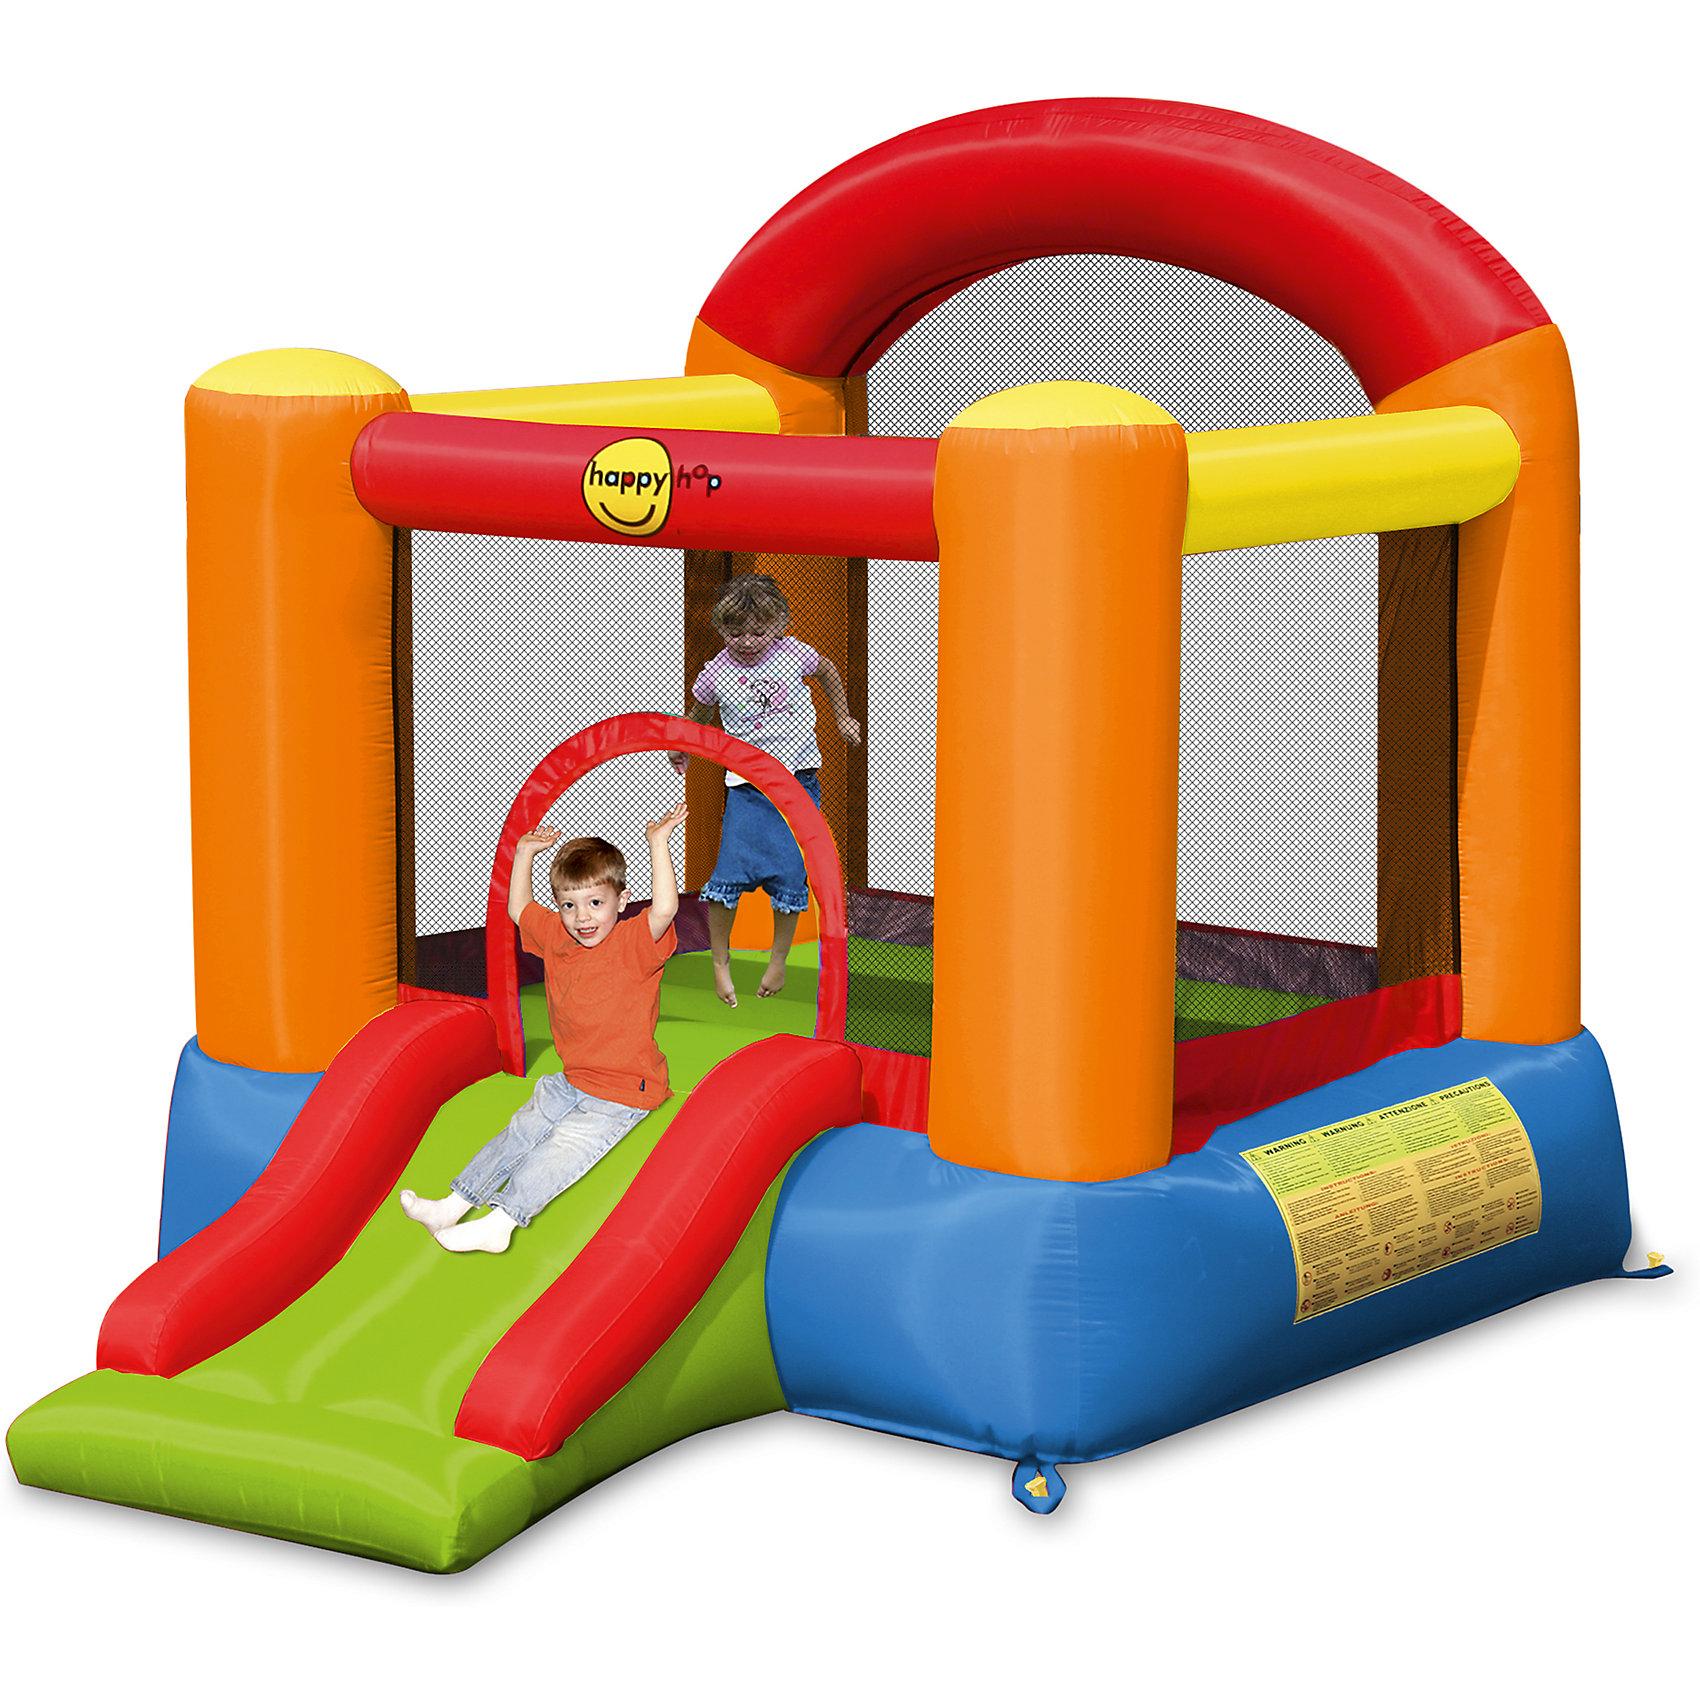 Надувной батут с горкой Малыш, Happy HopБатуты<br>Характеристики:<br><br>• возраст ребенка: от 3 до 5 лет;<br>• рост ребенка: 90-120 см;<br>• вес одного ребенка: до 34 кг;<br>• количество играющих одновременно детей: 2;<br>• максимальный вес: 68 кг (при этом вес каждого ребенка не должен превышать 34 кг).<br><br>Размеры:<br><br>• размер игрового комплекса: 265х200х200 см;<br>• размер батута: 189х180 см;<br>• высота основания: 40 см;<br>• высота прыжковой поверхности: 149х140 см;<br>• высота защитной сетки-ограждения: 87 см;<br>• размер горки: 85х82 см;<br>• ширина скользящей поверхности: 55 см;<br>• прочность батута на растяжение: до 136 кг;<br>• прочность на разрыв: до 14 кг;<br>• прочность на соединение: до 27 кг;<br>• диапазон температур для батута: от -10 до +40 градусов;<br>• диапазон температур для насоса: от -15 до +40 градусов;<br>• размер упаковки: 38х38х47 см;<br>• вес в упаковке: 13,8 кг.<br><br>Дополнительная информация:<br><br>• материал: ламинированный ПВХ, ламинированная ткань Оксфорд;<br>• плотность: ПВХ 360 г/м2, ткани Оксфорд 215 г/м2;<br>• материал застежек: лавсан;<br>• крепеж к земле: пластик;<br>• технология изготовления продукции: машинное сшивание путем соединения тканей ПВХ и Оксфорд.<br><br>Меры предосторожности:<br><br>• использование: установка на открытом воздухе;<br>• только для бытового применения;<br>• при установке батута, изделие обязательно следует крепить пластиковыми кольями к земле.<br><br>Рекомендации от производителя: в течение всего времени использования продукции HAPPY HOP необходимо поддерживать подачу воздуха и обеспечивать непрерывную работу насоса. <br><br>Надувной батут с горкой Малыш, Happy Hop можно купить в нашем интернет-магазине.<br><br>Ширина мм: 540<br>Глубина мм: 320<br>Высота мм: 370<br>Вес г: 14000<br>Возраст от месяцев: 36<br>Возраст до месяцев: 120<br>Пол: Унисекс<br>Возраст: Детский<br>SKU: 5530633